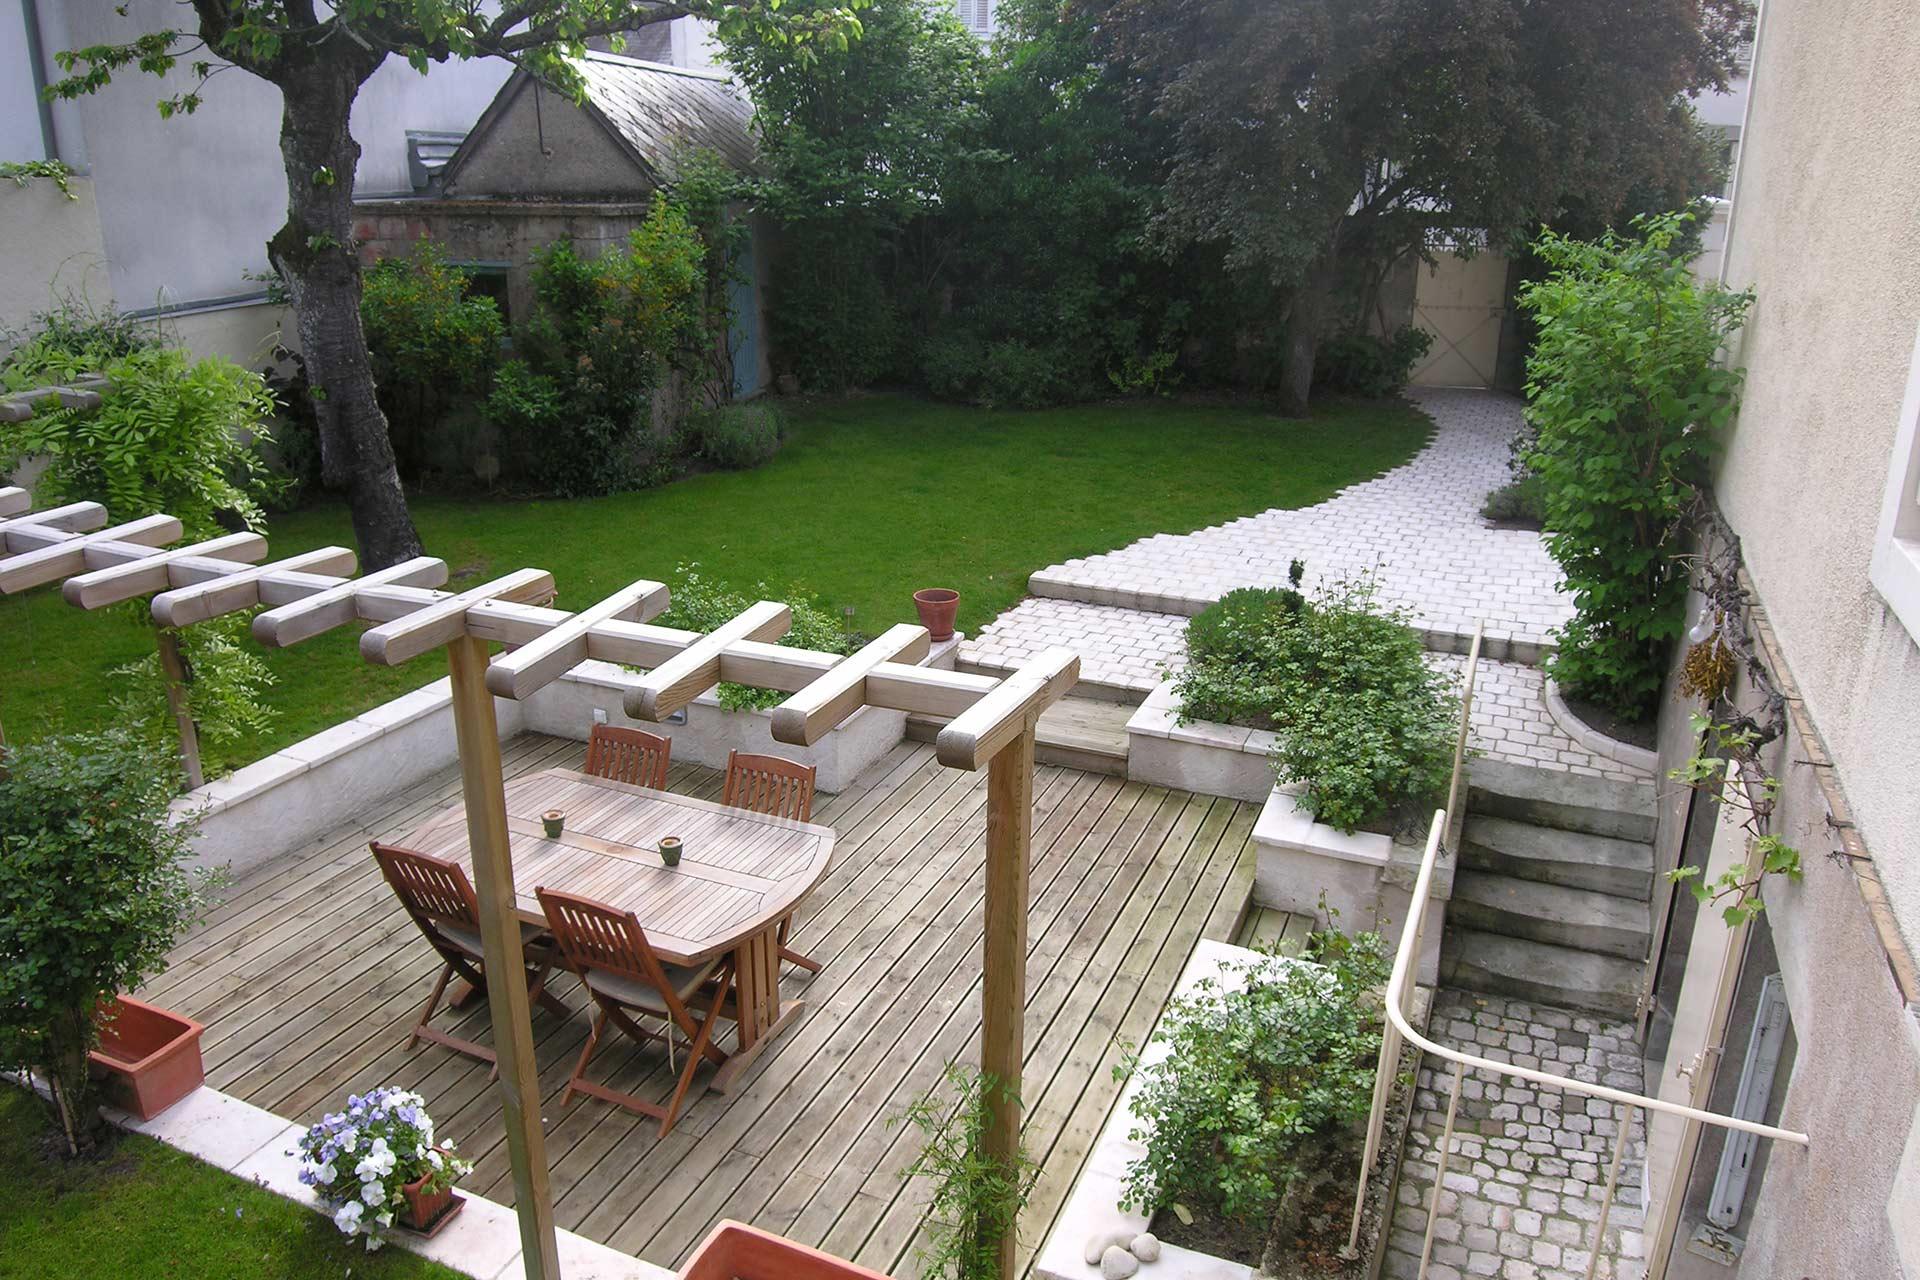 Entreprise d'architecture paysagère, Serrault Jardins crée des espaces de vies extérieurs sur-mesure.